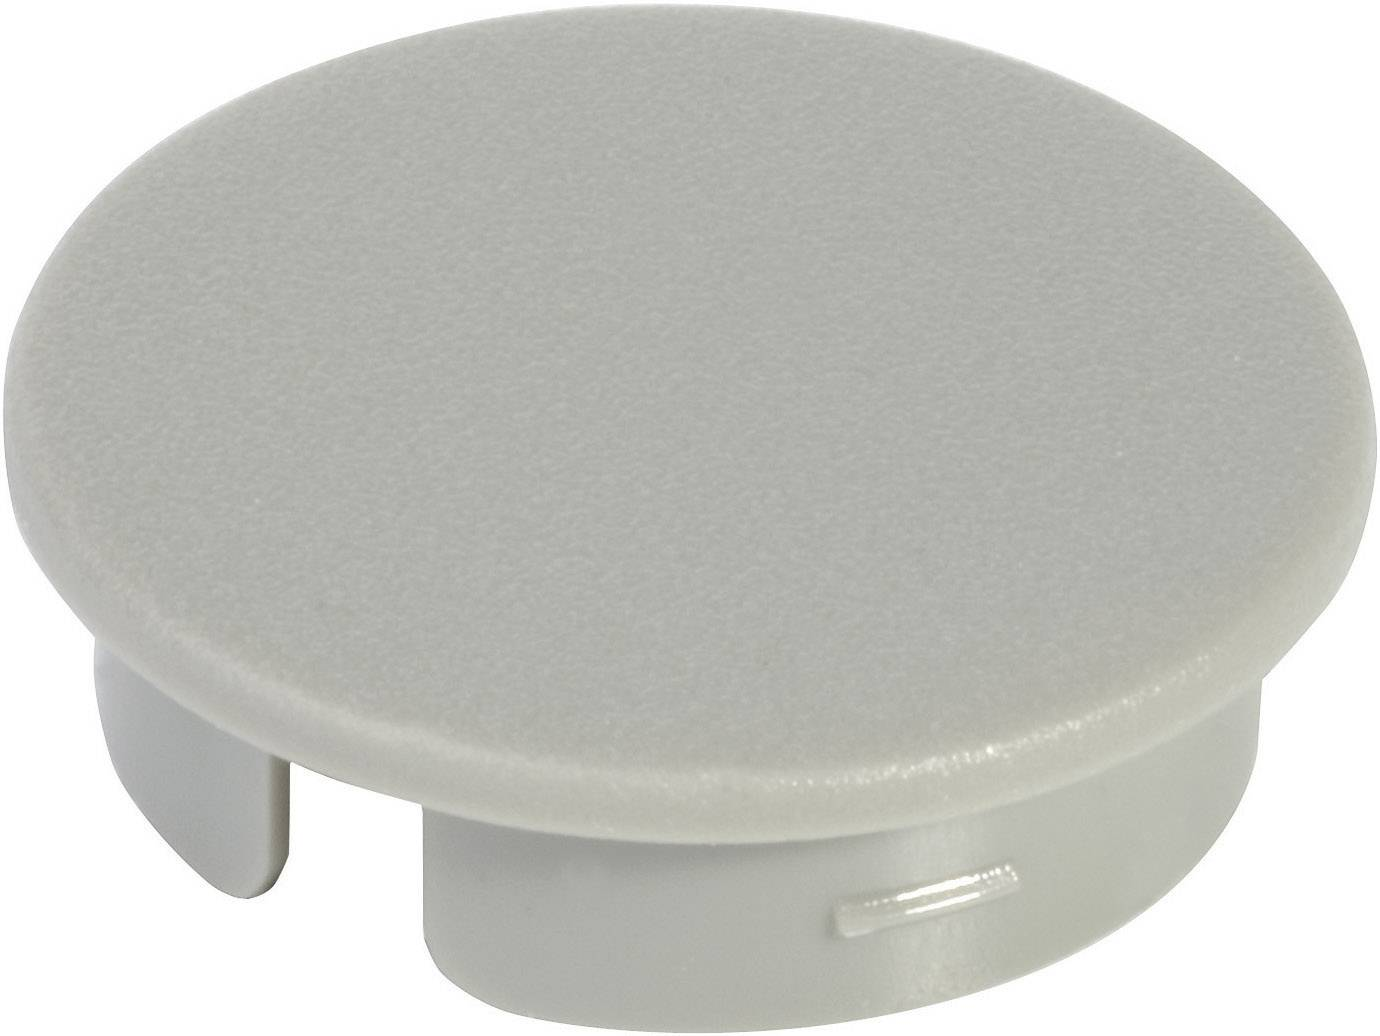 Krytka na otočný knoflík s ukazatelem OKW, pro knoflíky Ø 10 mm, šedá